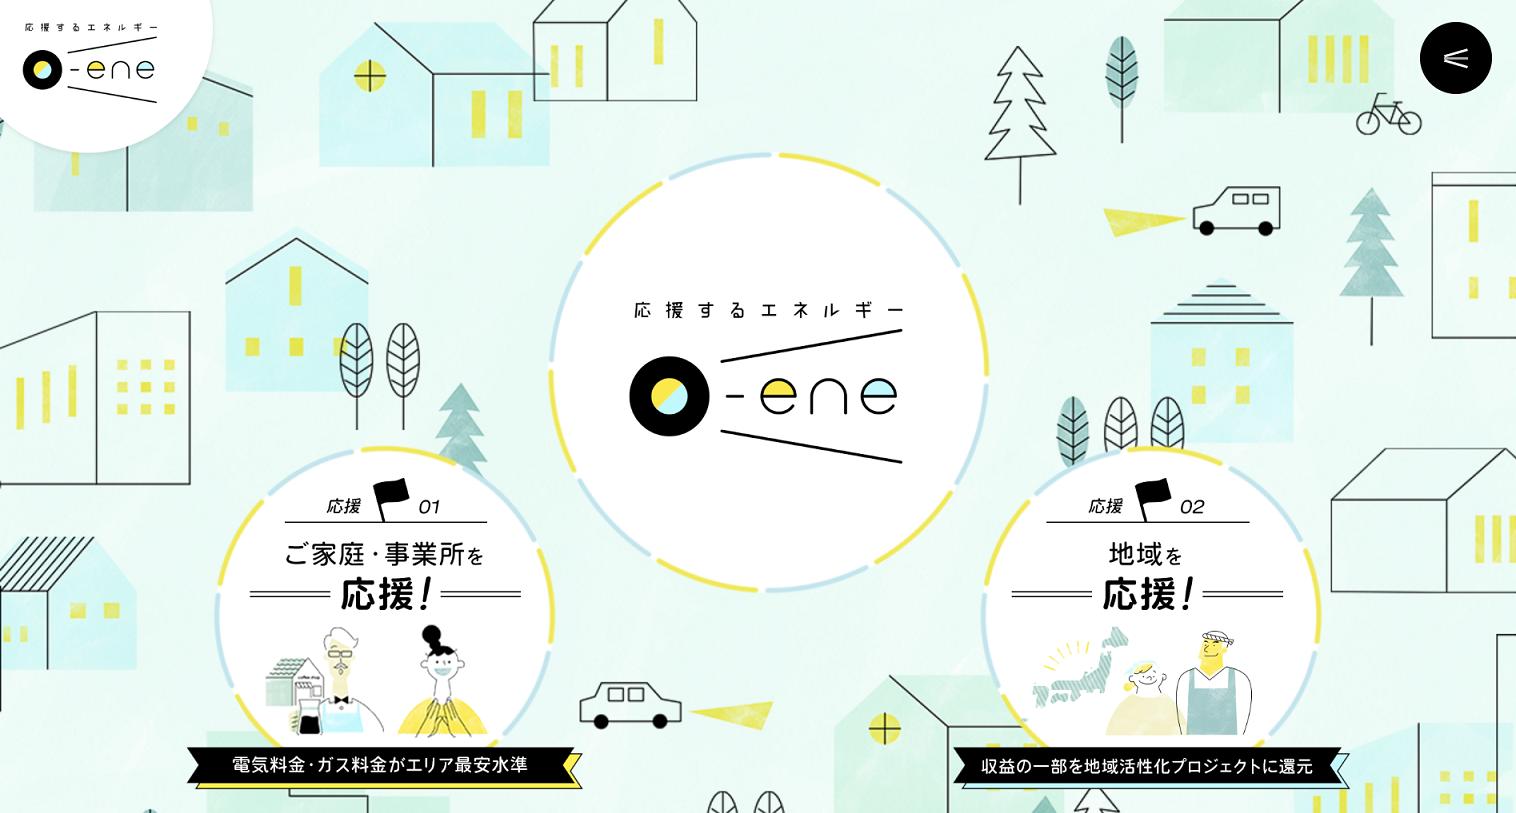 「応援するエネルギー O-ene(おーエネ)」のご紹介